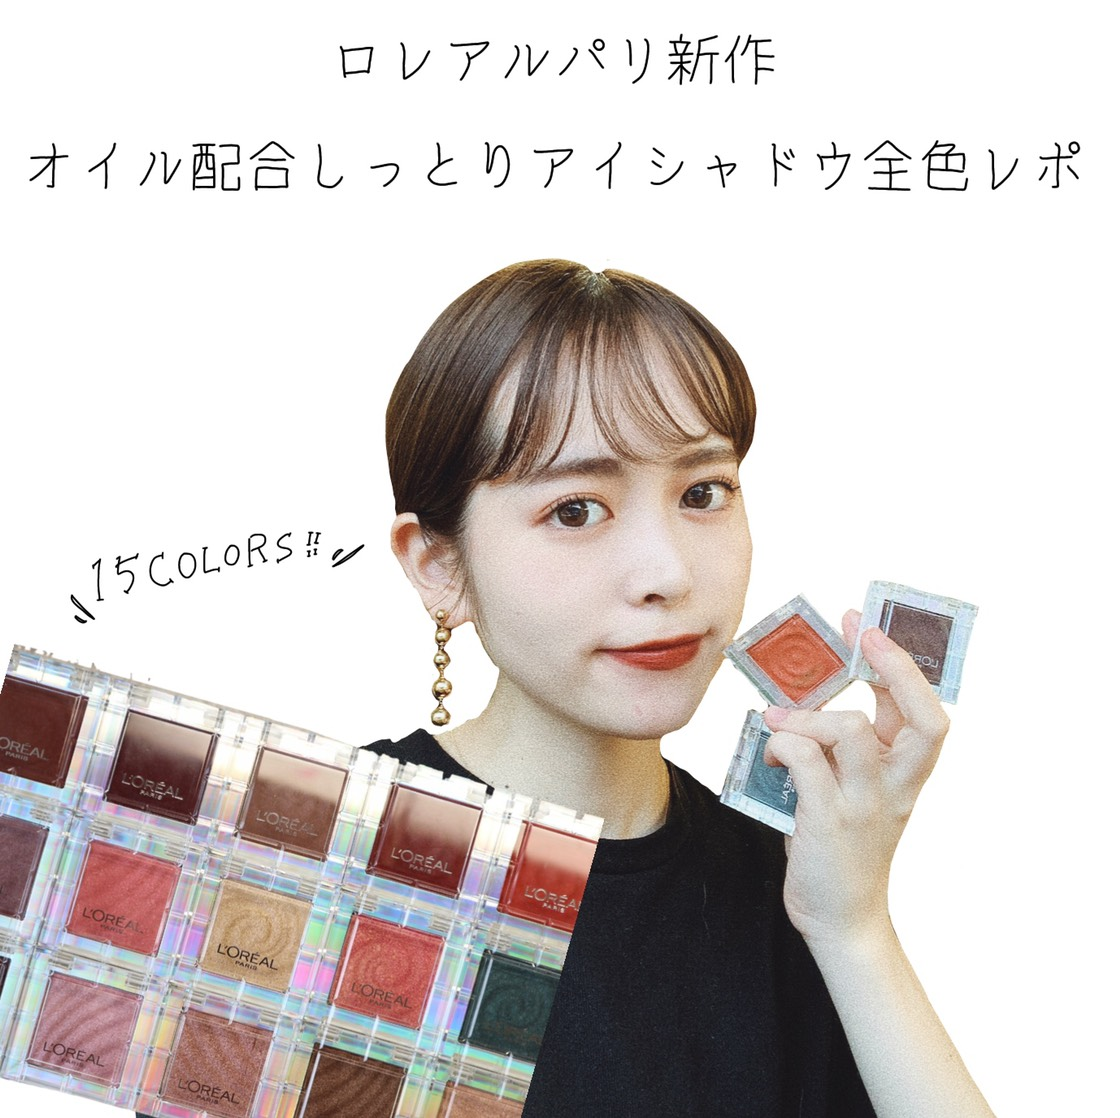 ロレパリ新作アイシャドウ!